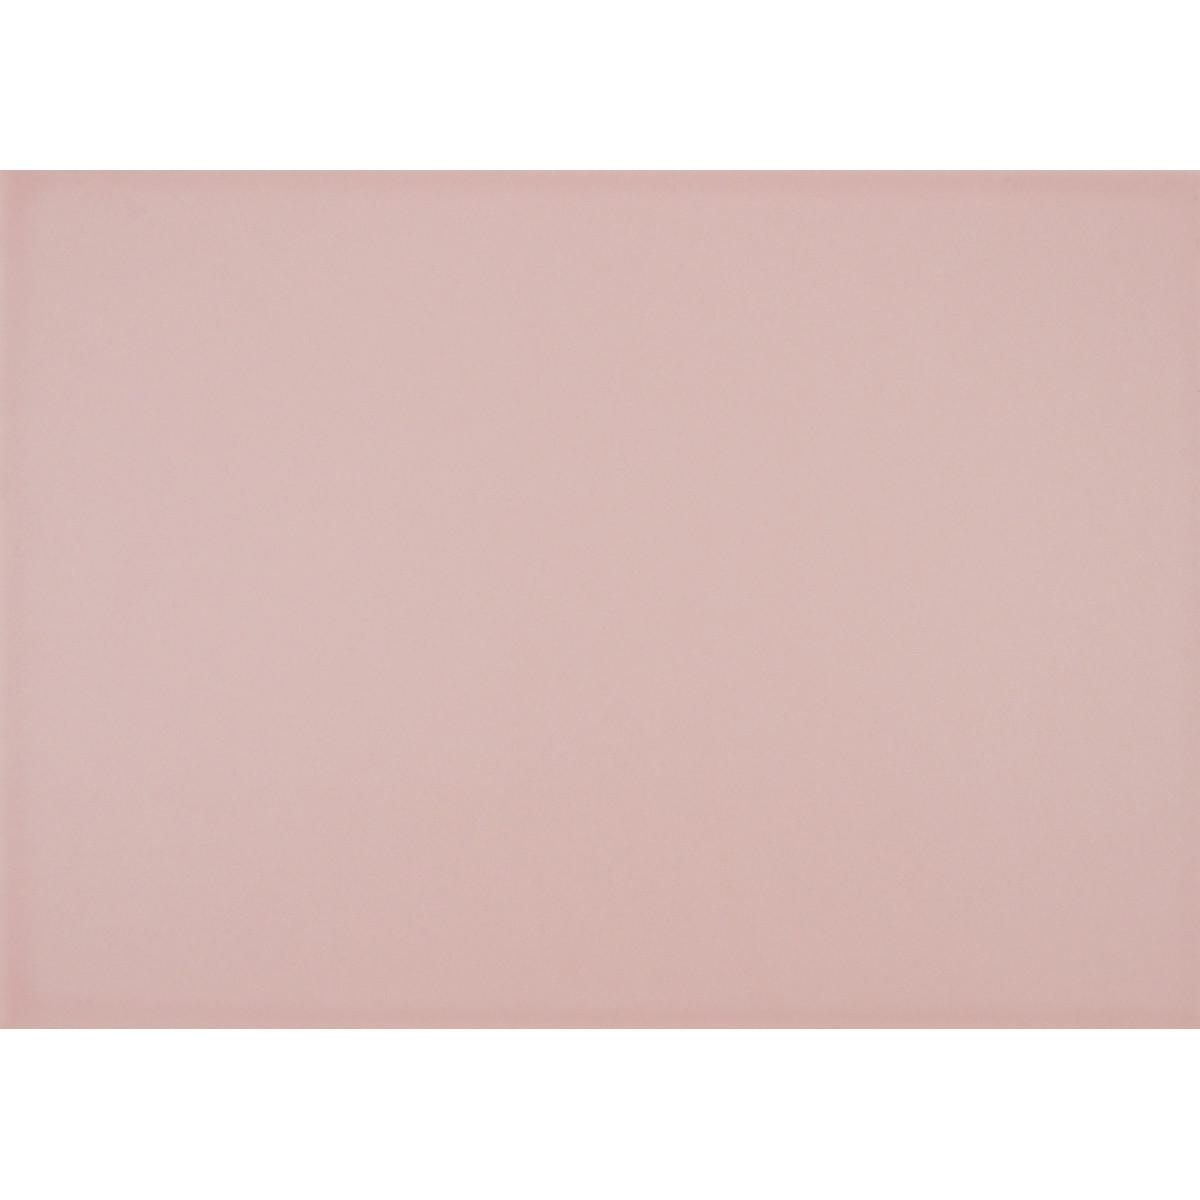 Плитка настенная Tone 35x25 см 1.4 м2 цвет розовый матовый